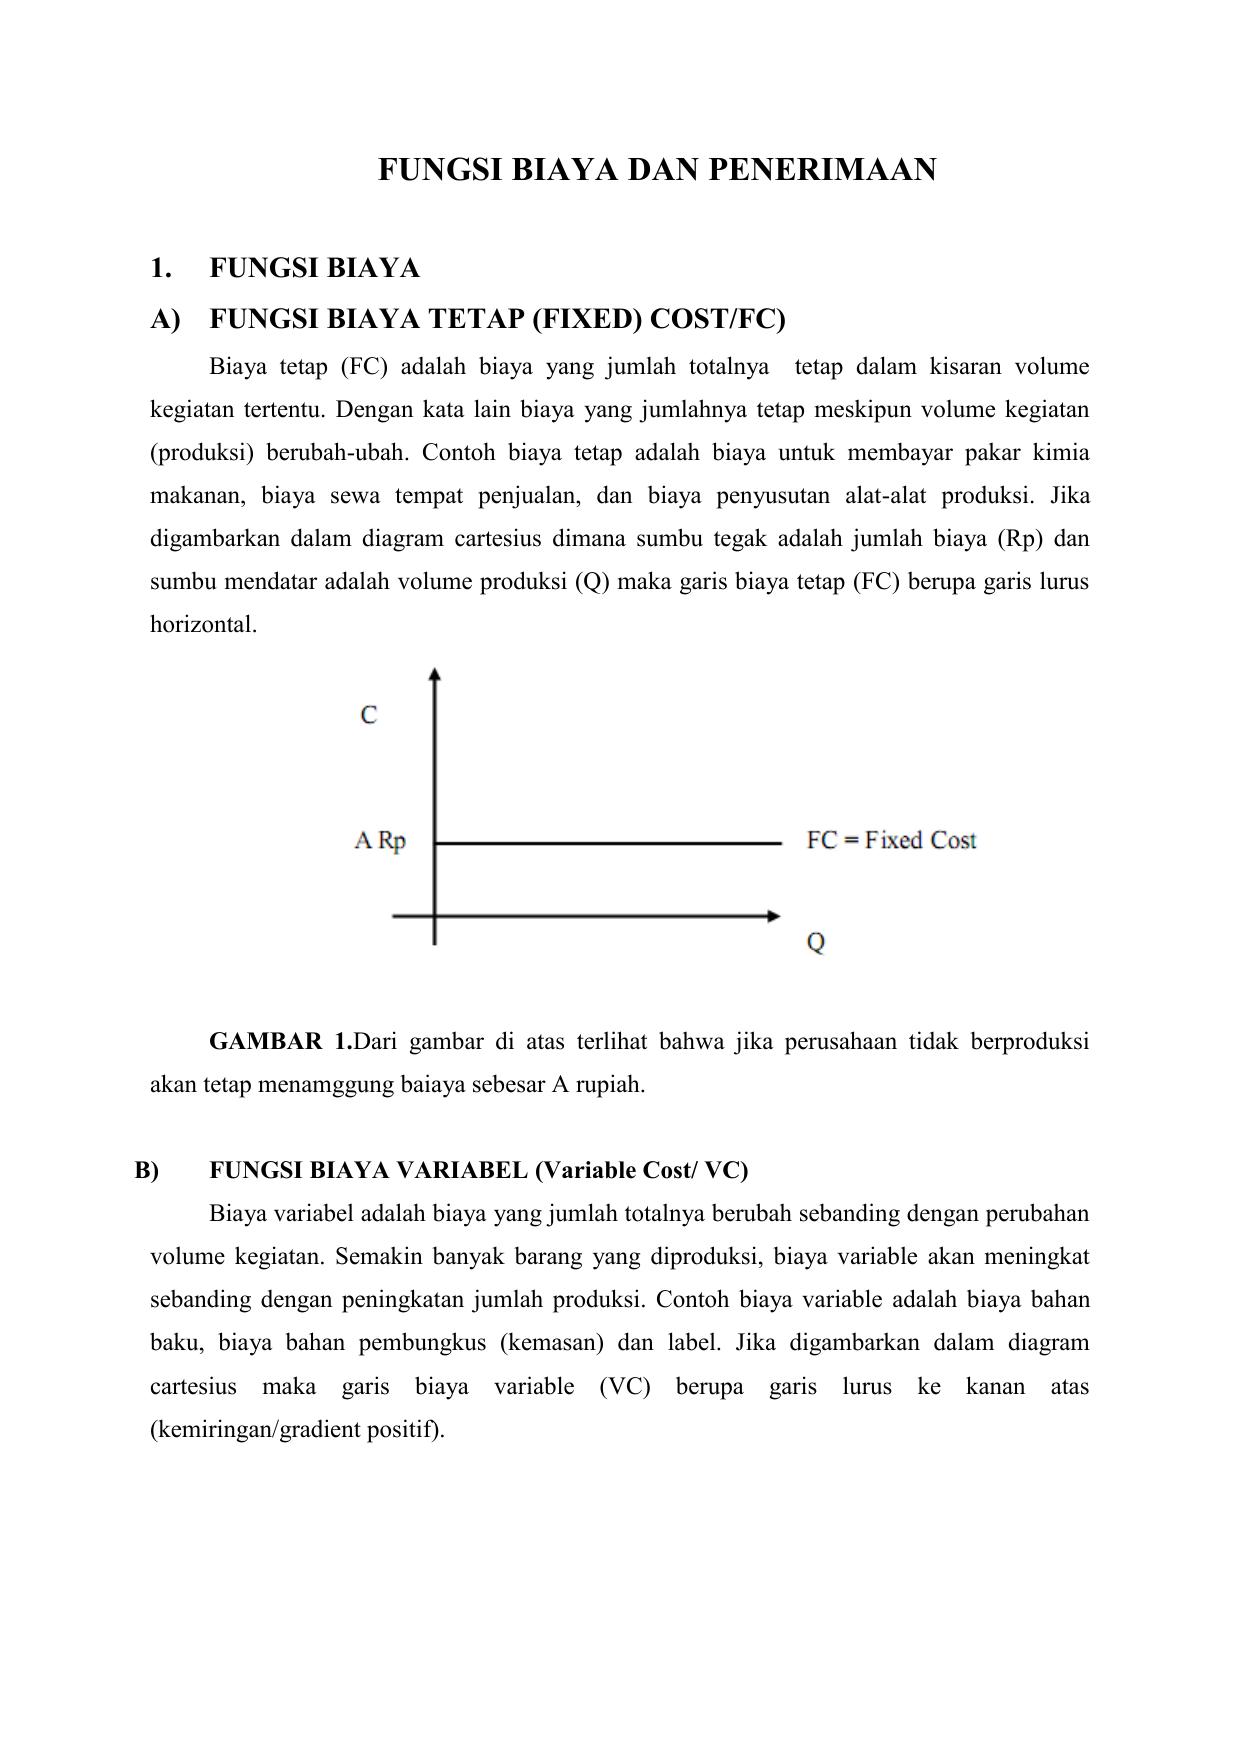 Fungsi biaya dan penerimaan fungsi biaya fungsi biaya tetap fixed ccuart Images